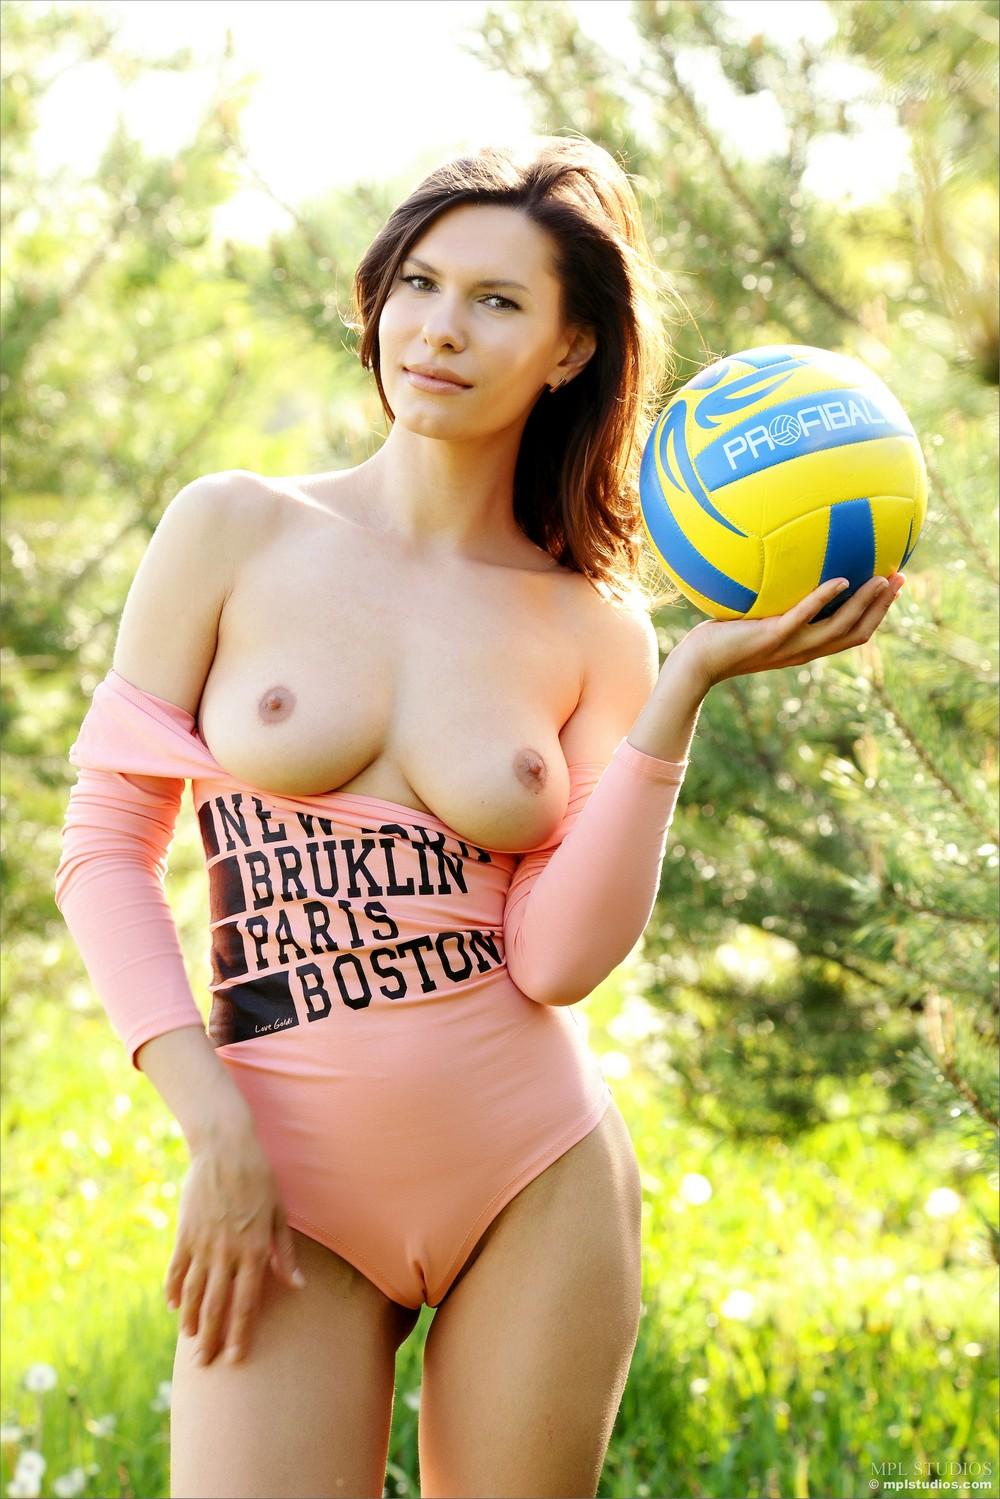 Suzanna на свежем воздухе с мячом